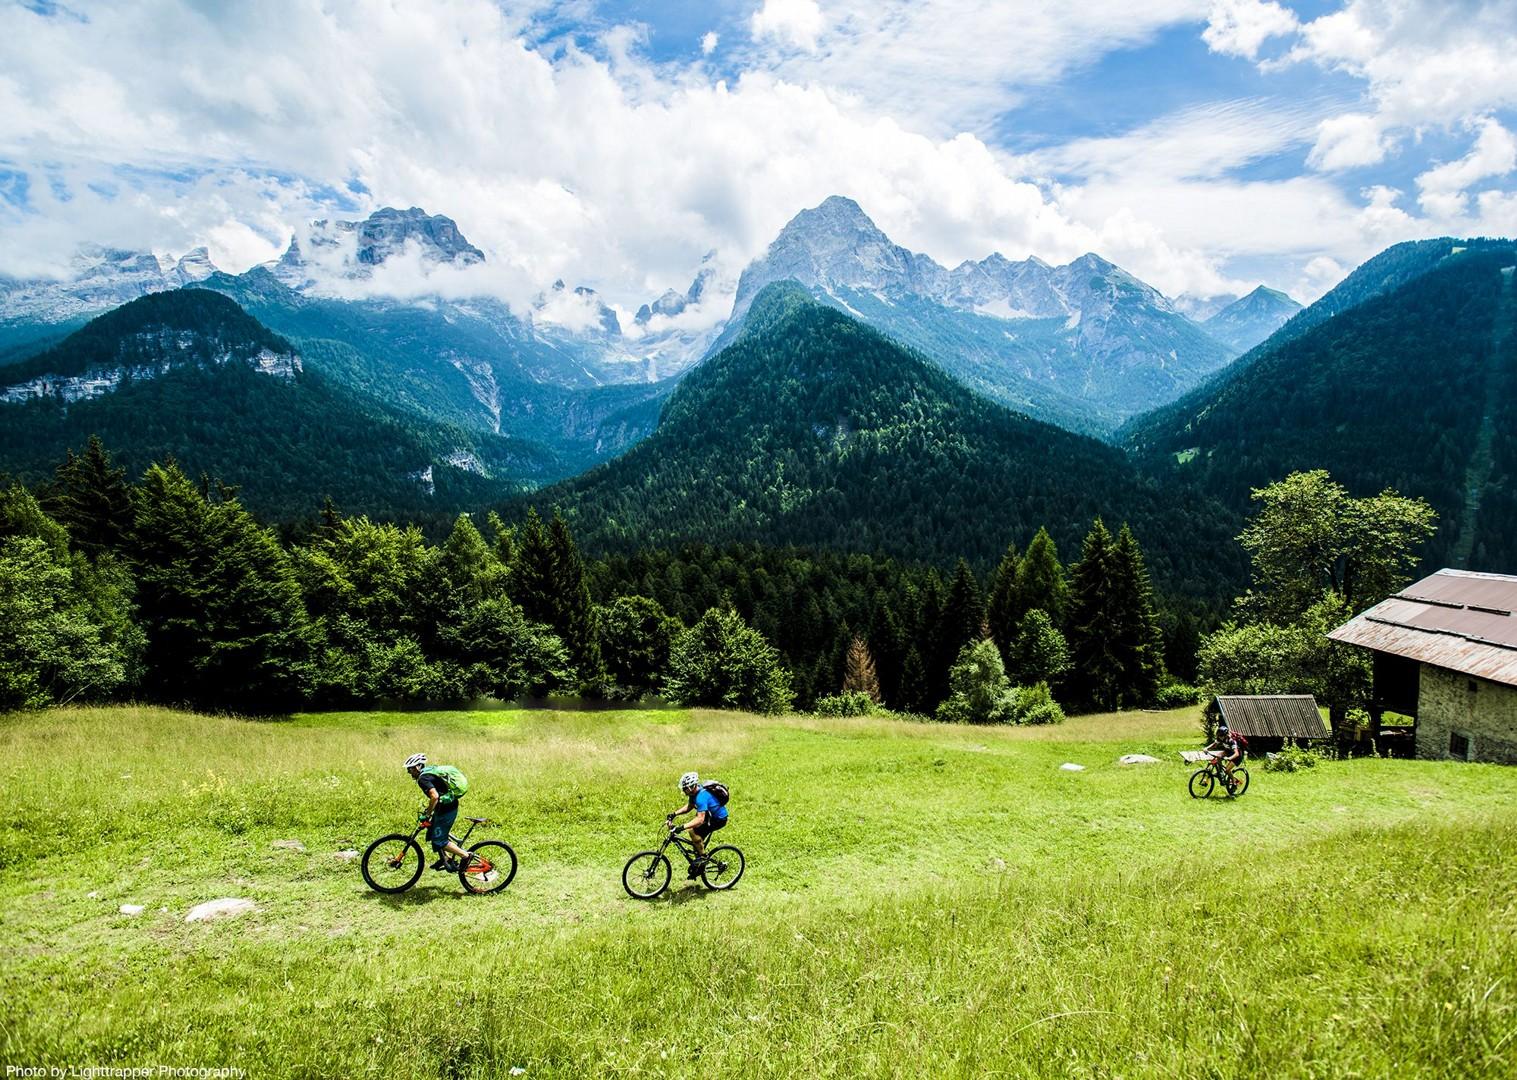 saddle_skedaddle_italy_2017_day6_brenta_dolomites_143-2.jpg - Italy - Dolomites of Brenta - Electric Mountain Bike Holiday - Mountain Biking